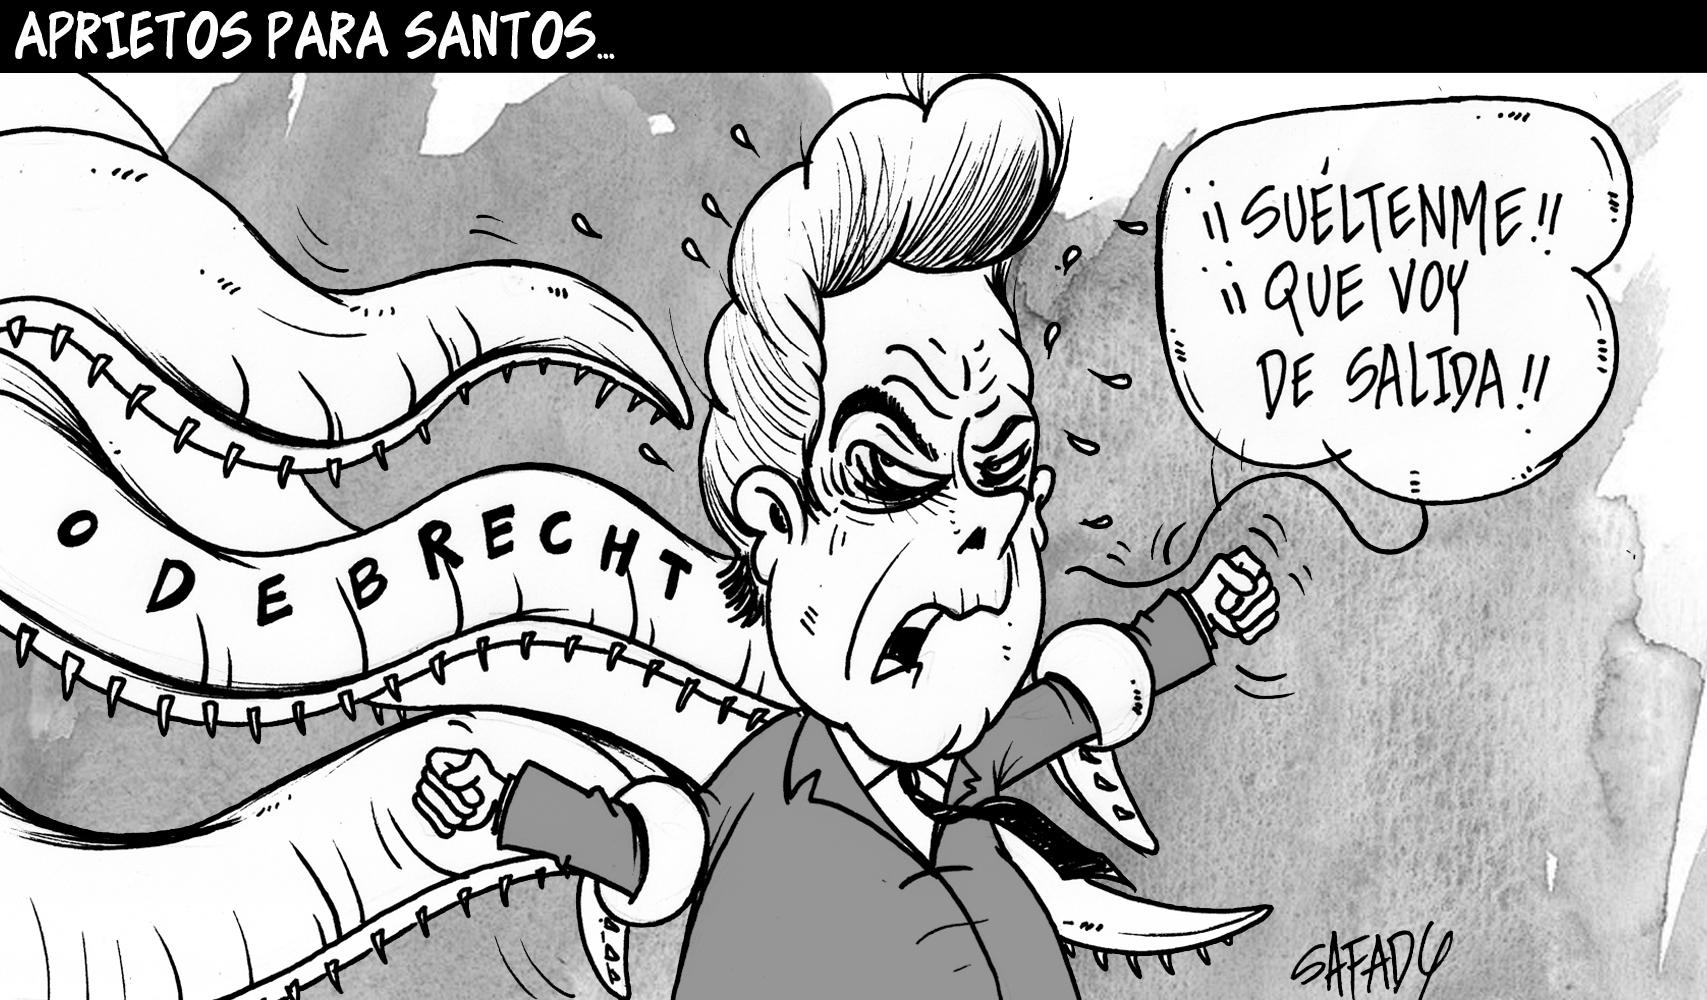 Aprietos para Santos